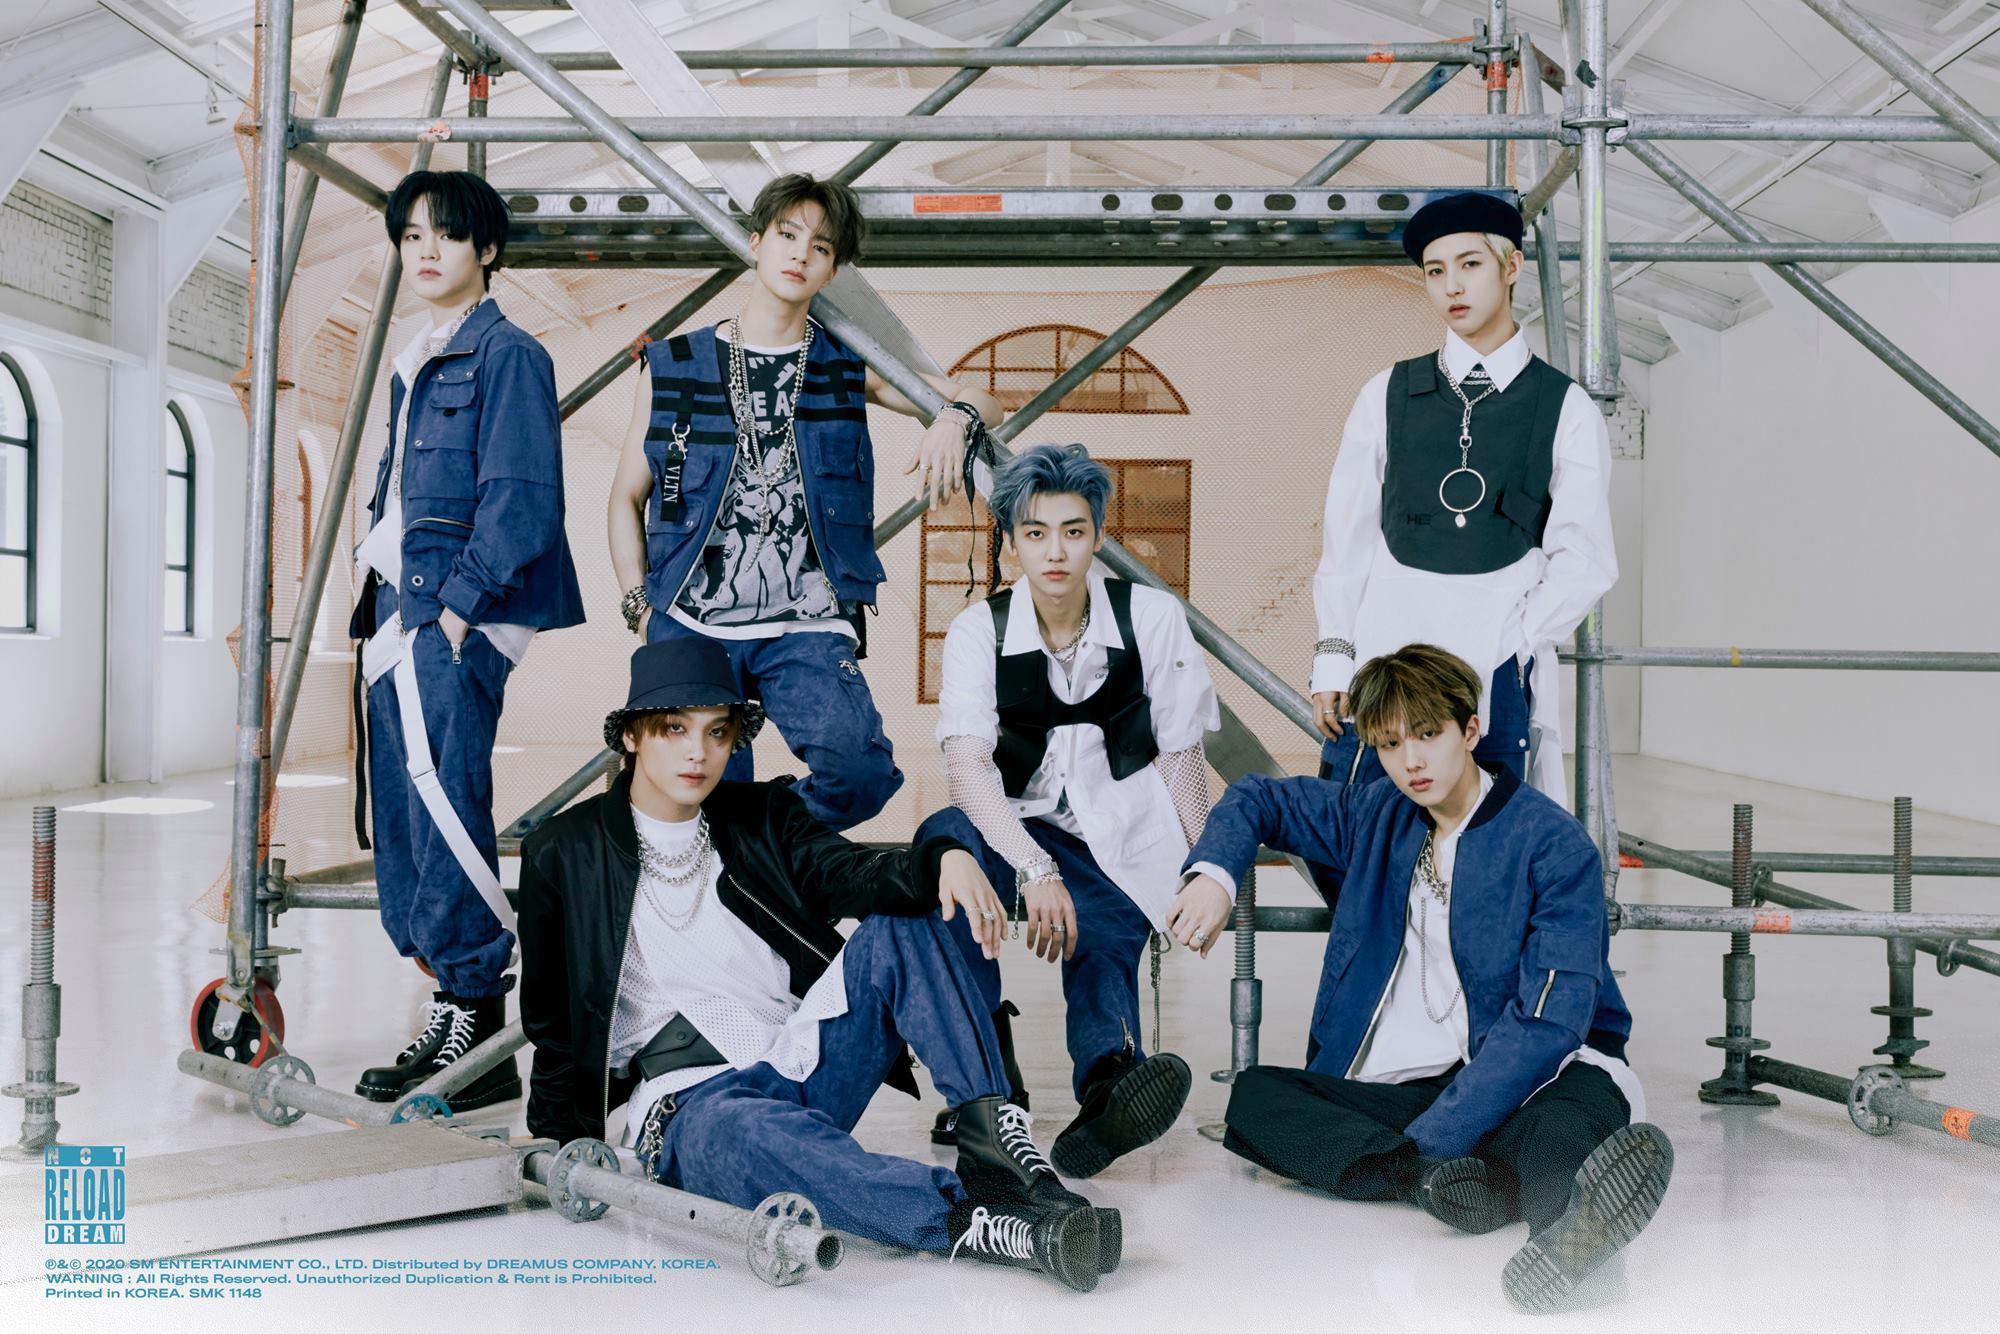 [Image 2] NCT DREAM - Album 'Reload'